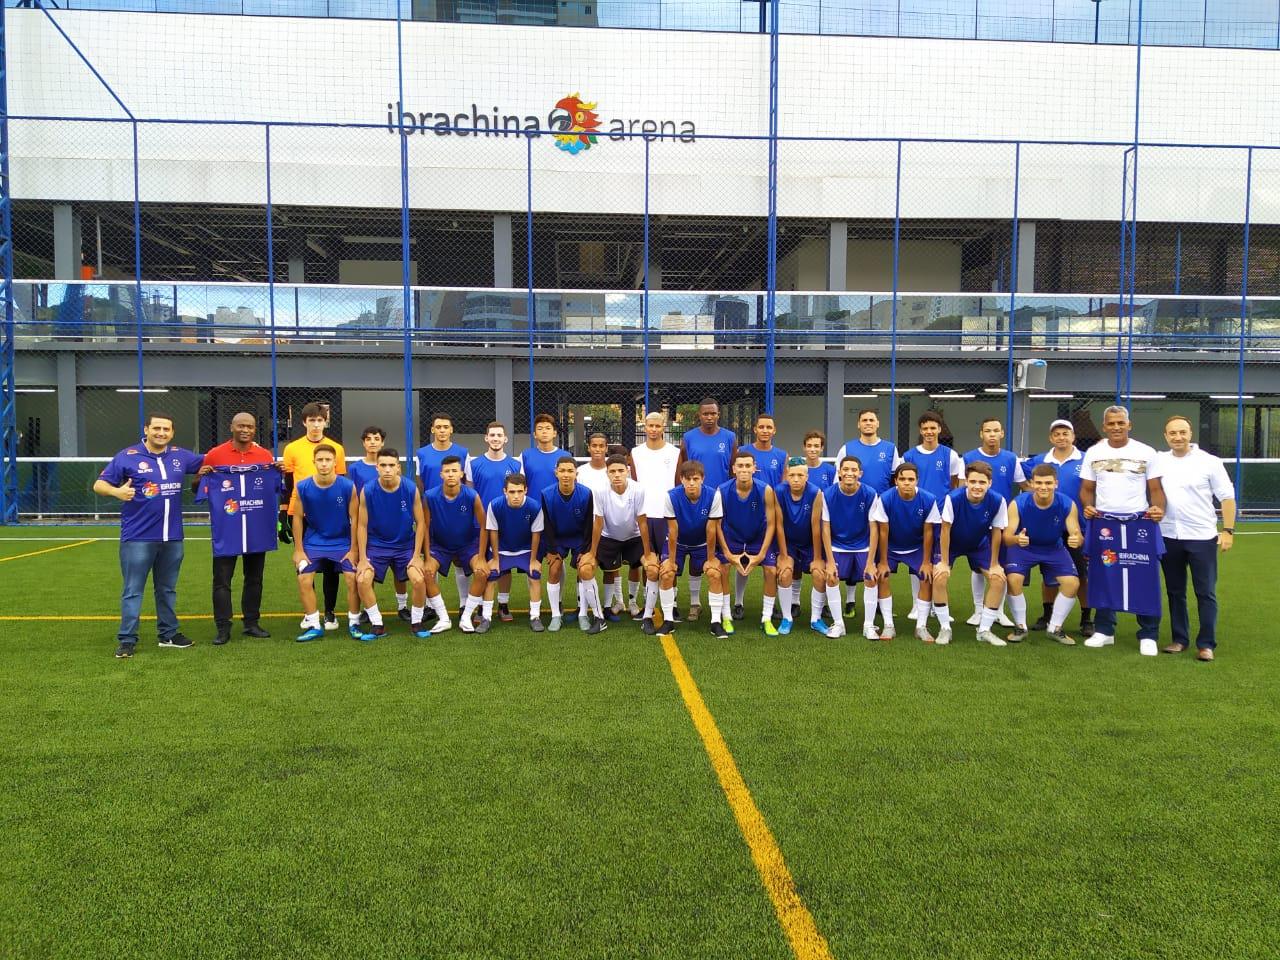 equipe soccerstudies